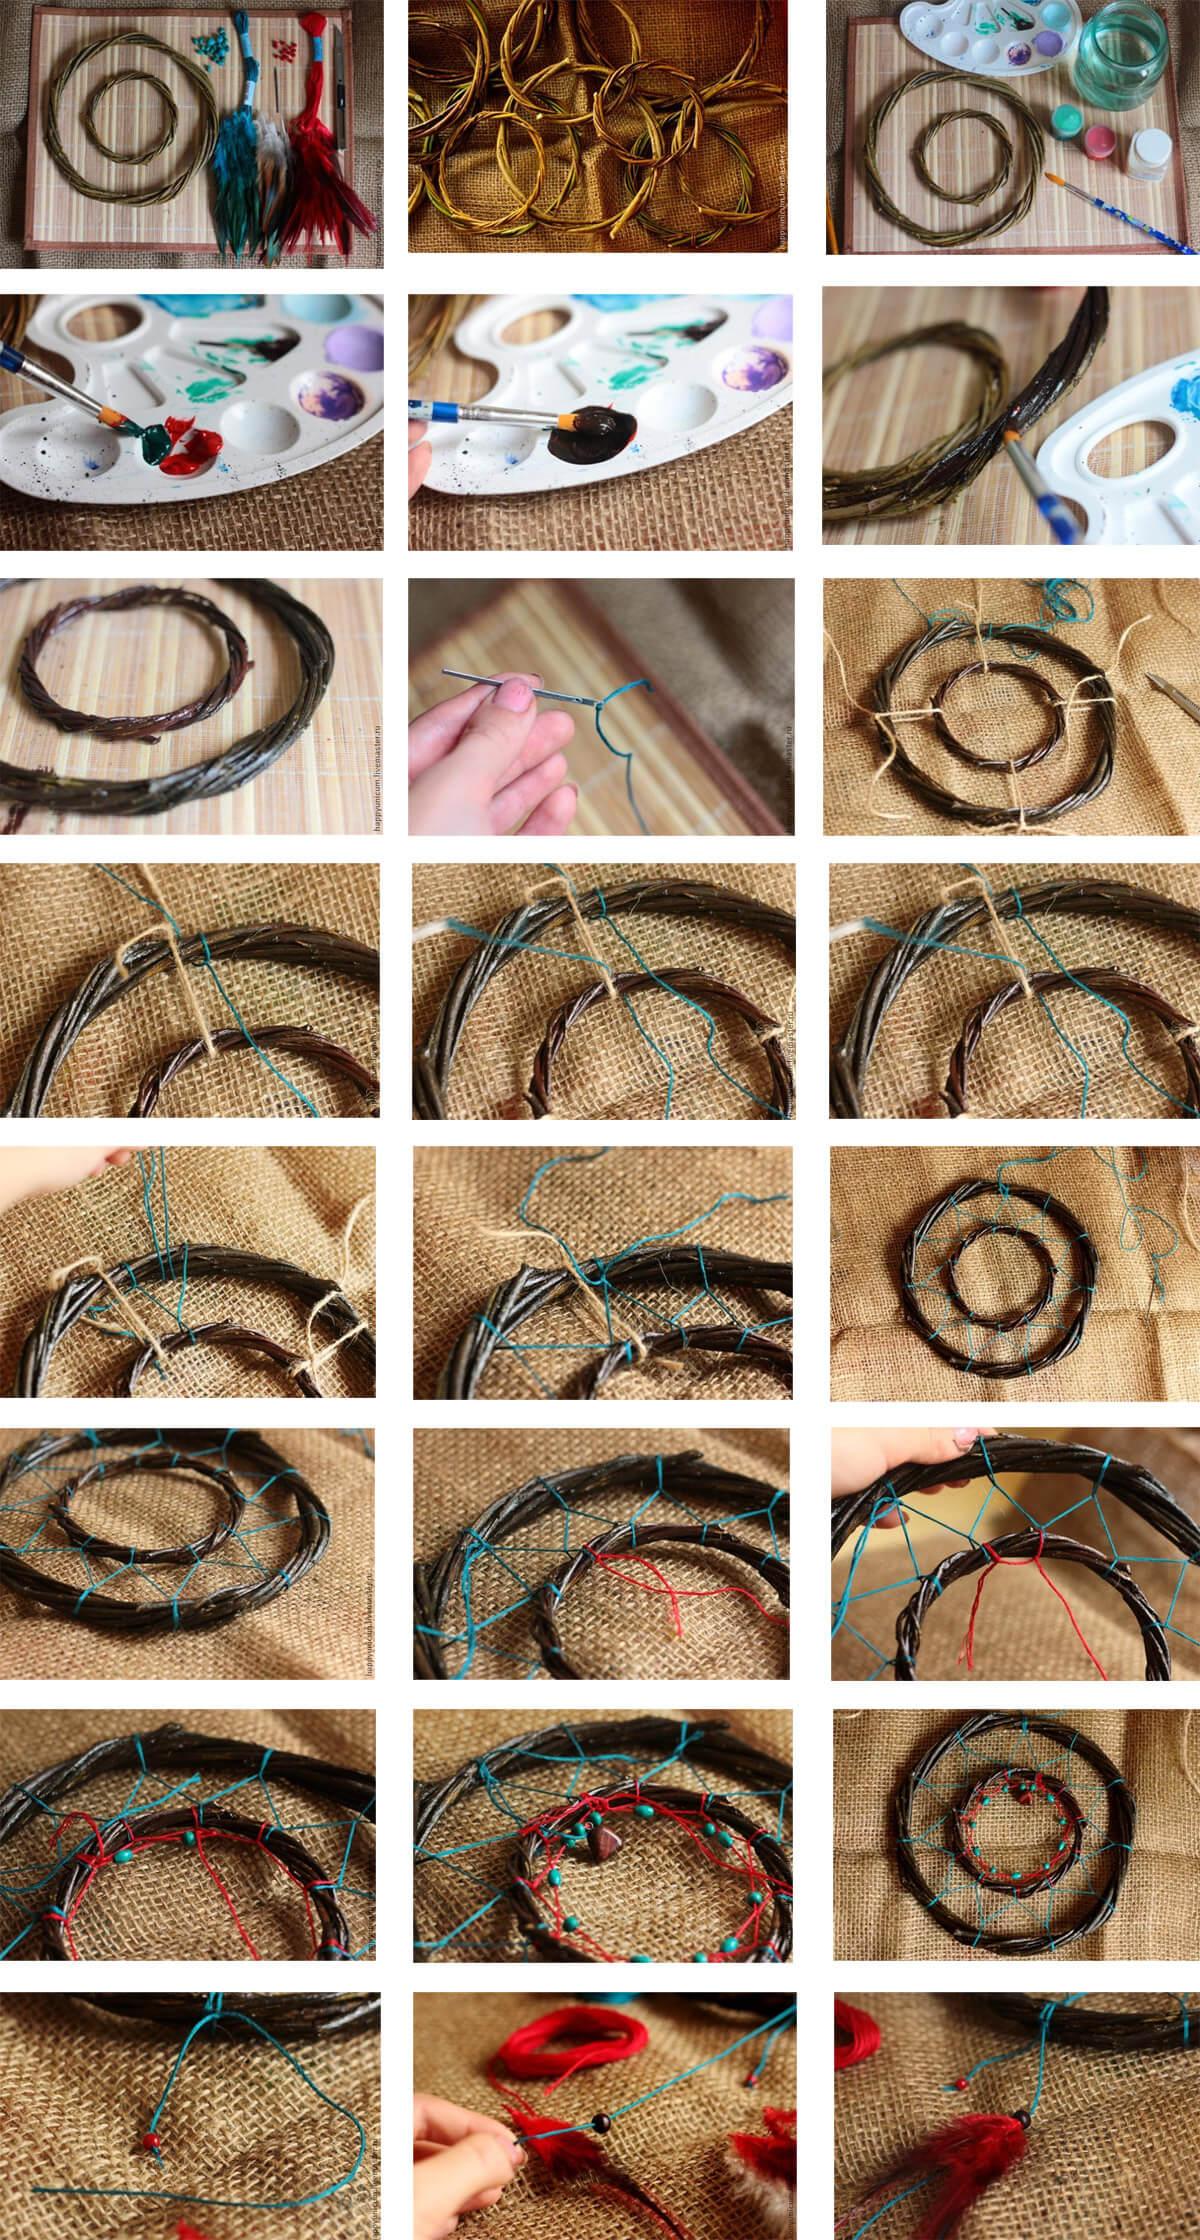 Ловец снов своими руками: 8 идей как сделать, пошаговые фото и видео